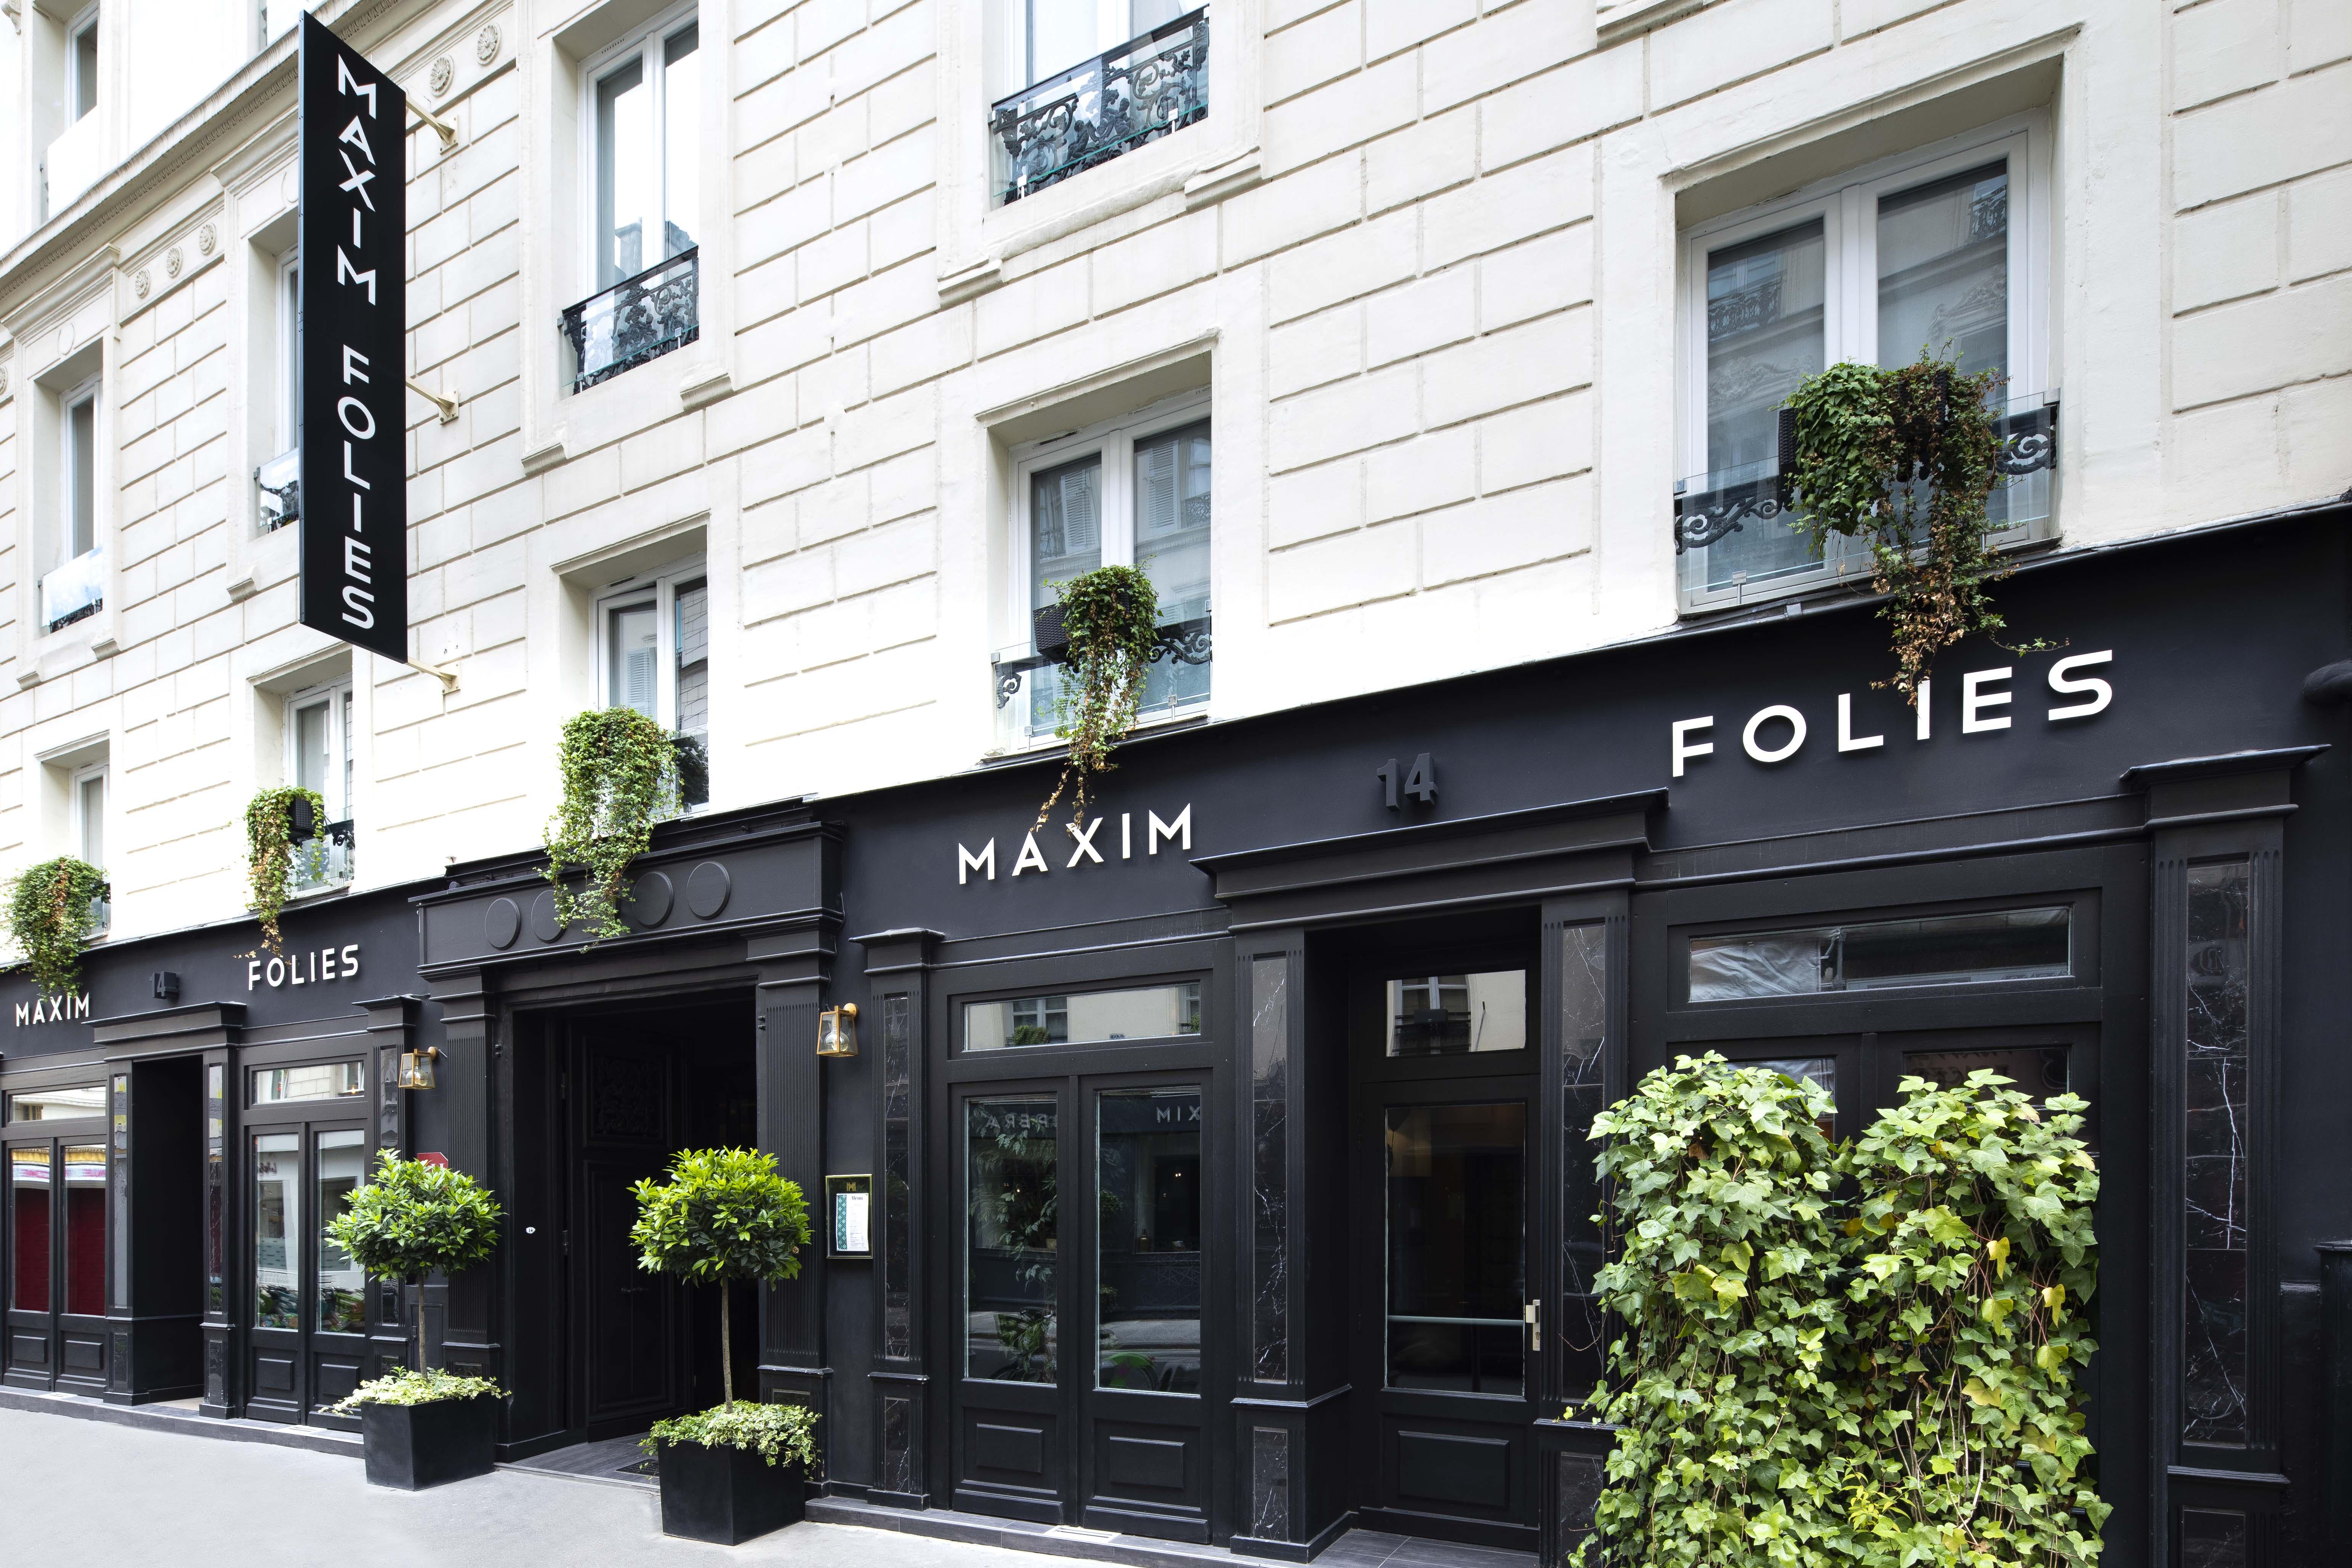 Maxim Folies, Paris